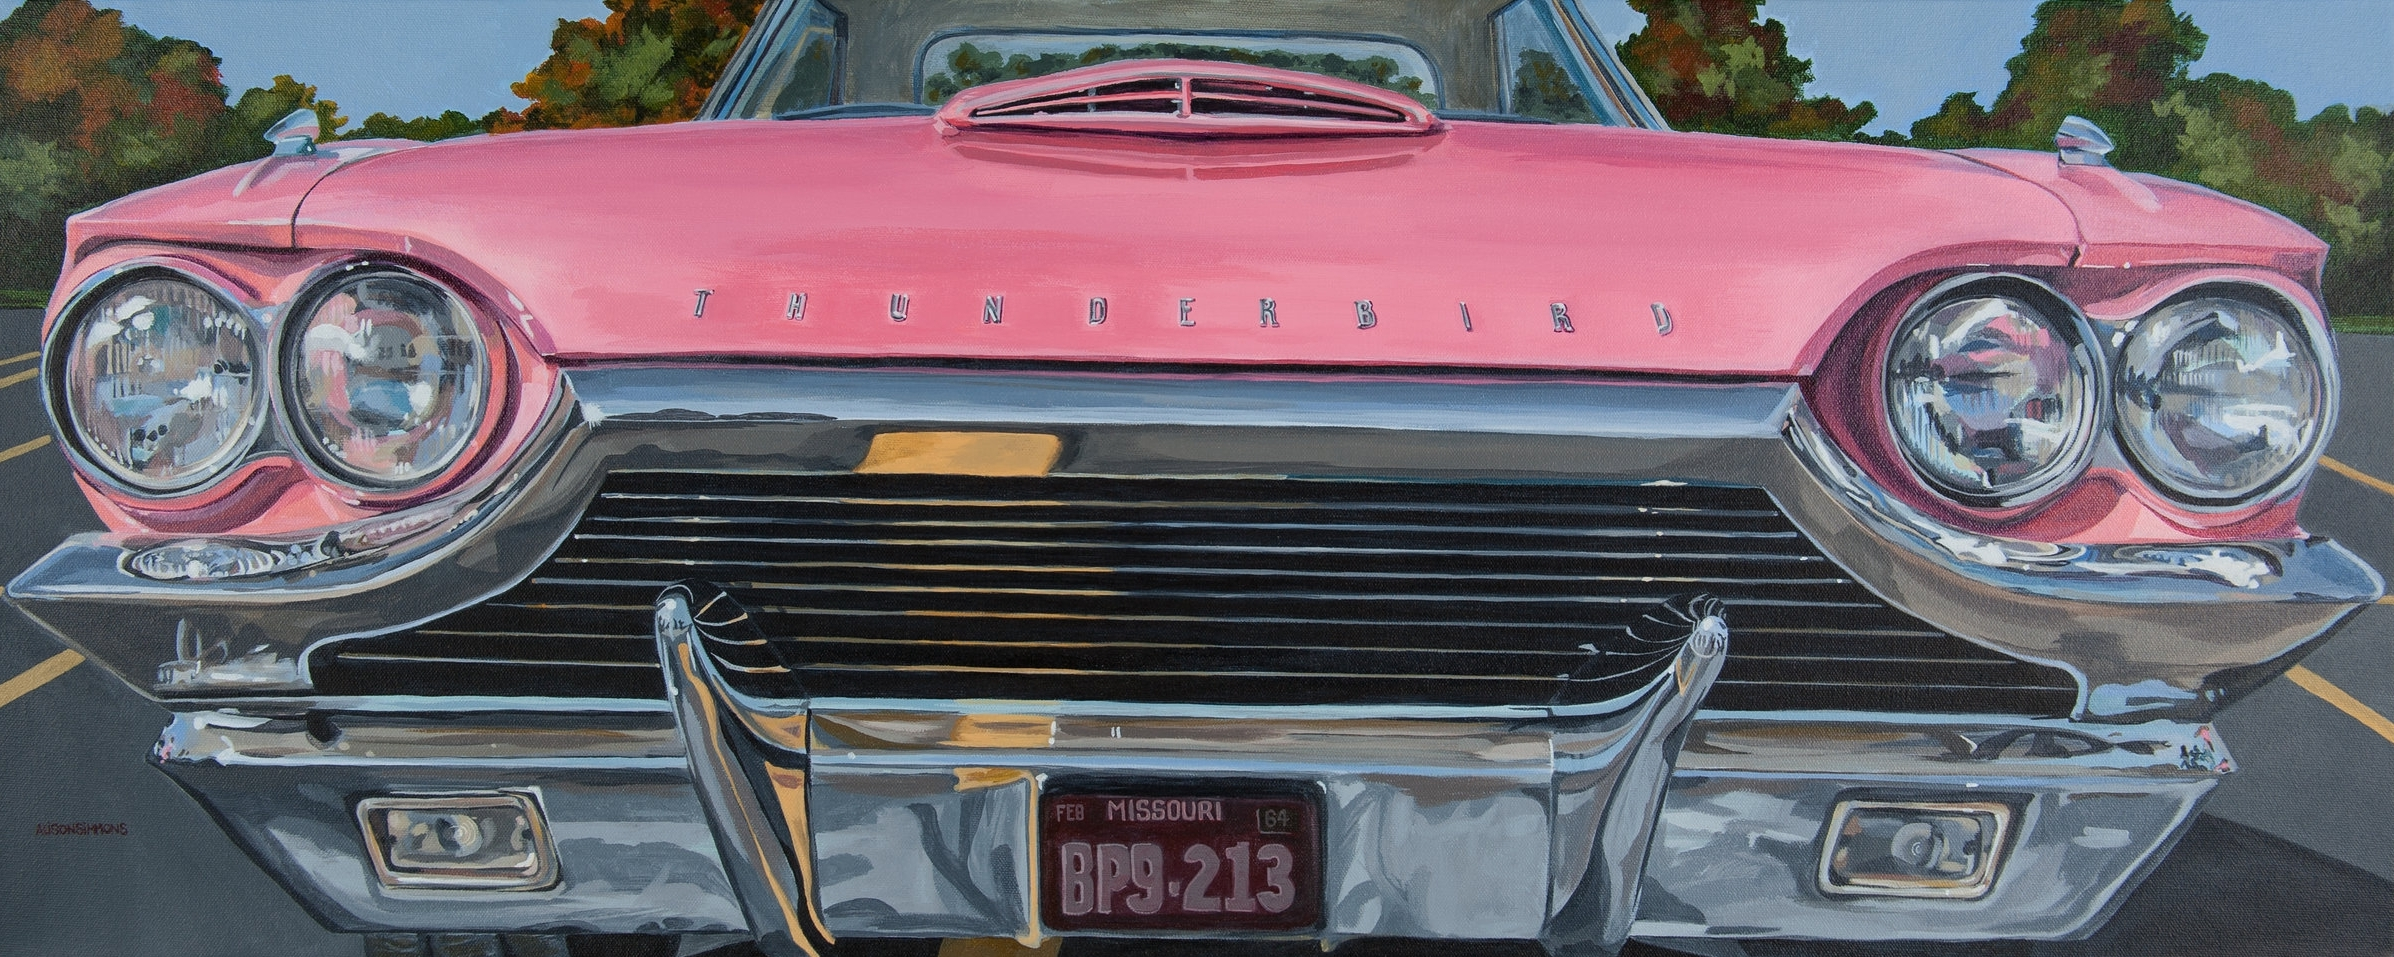 The Pink T-Bird, 1964 Thunderbird